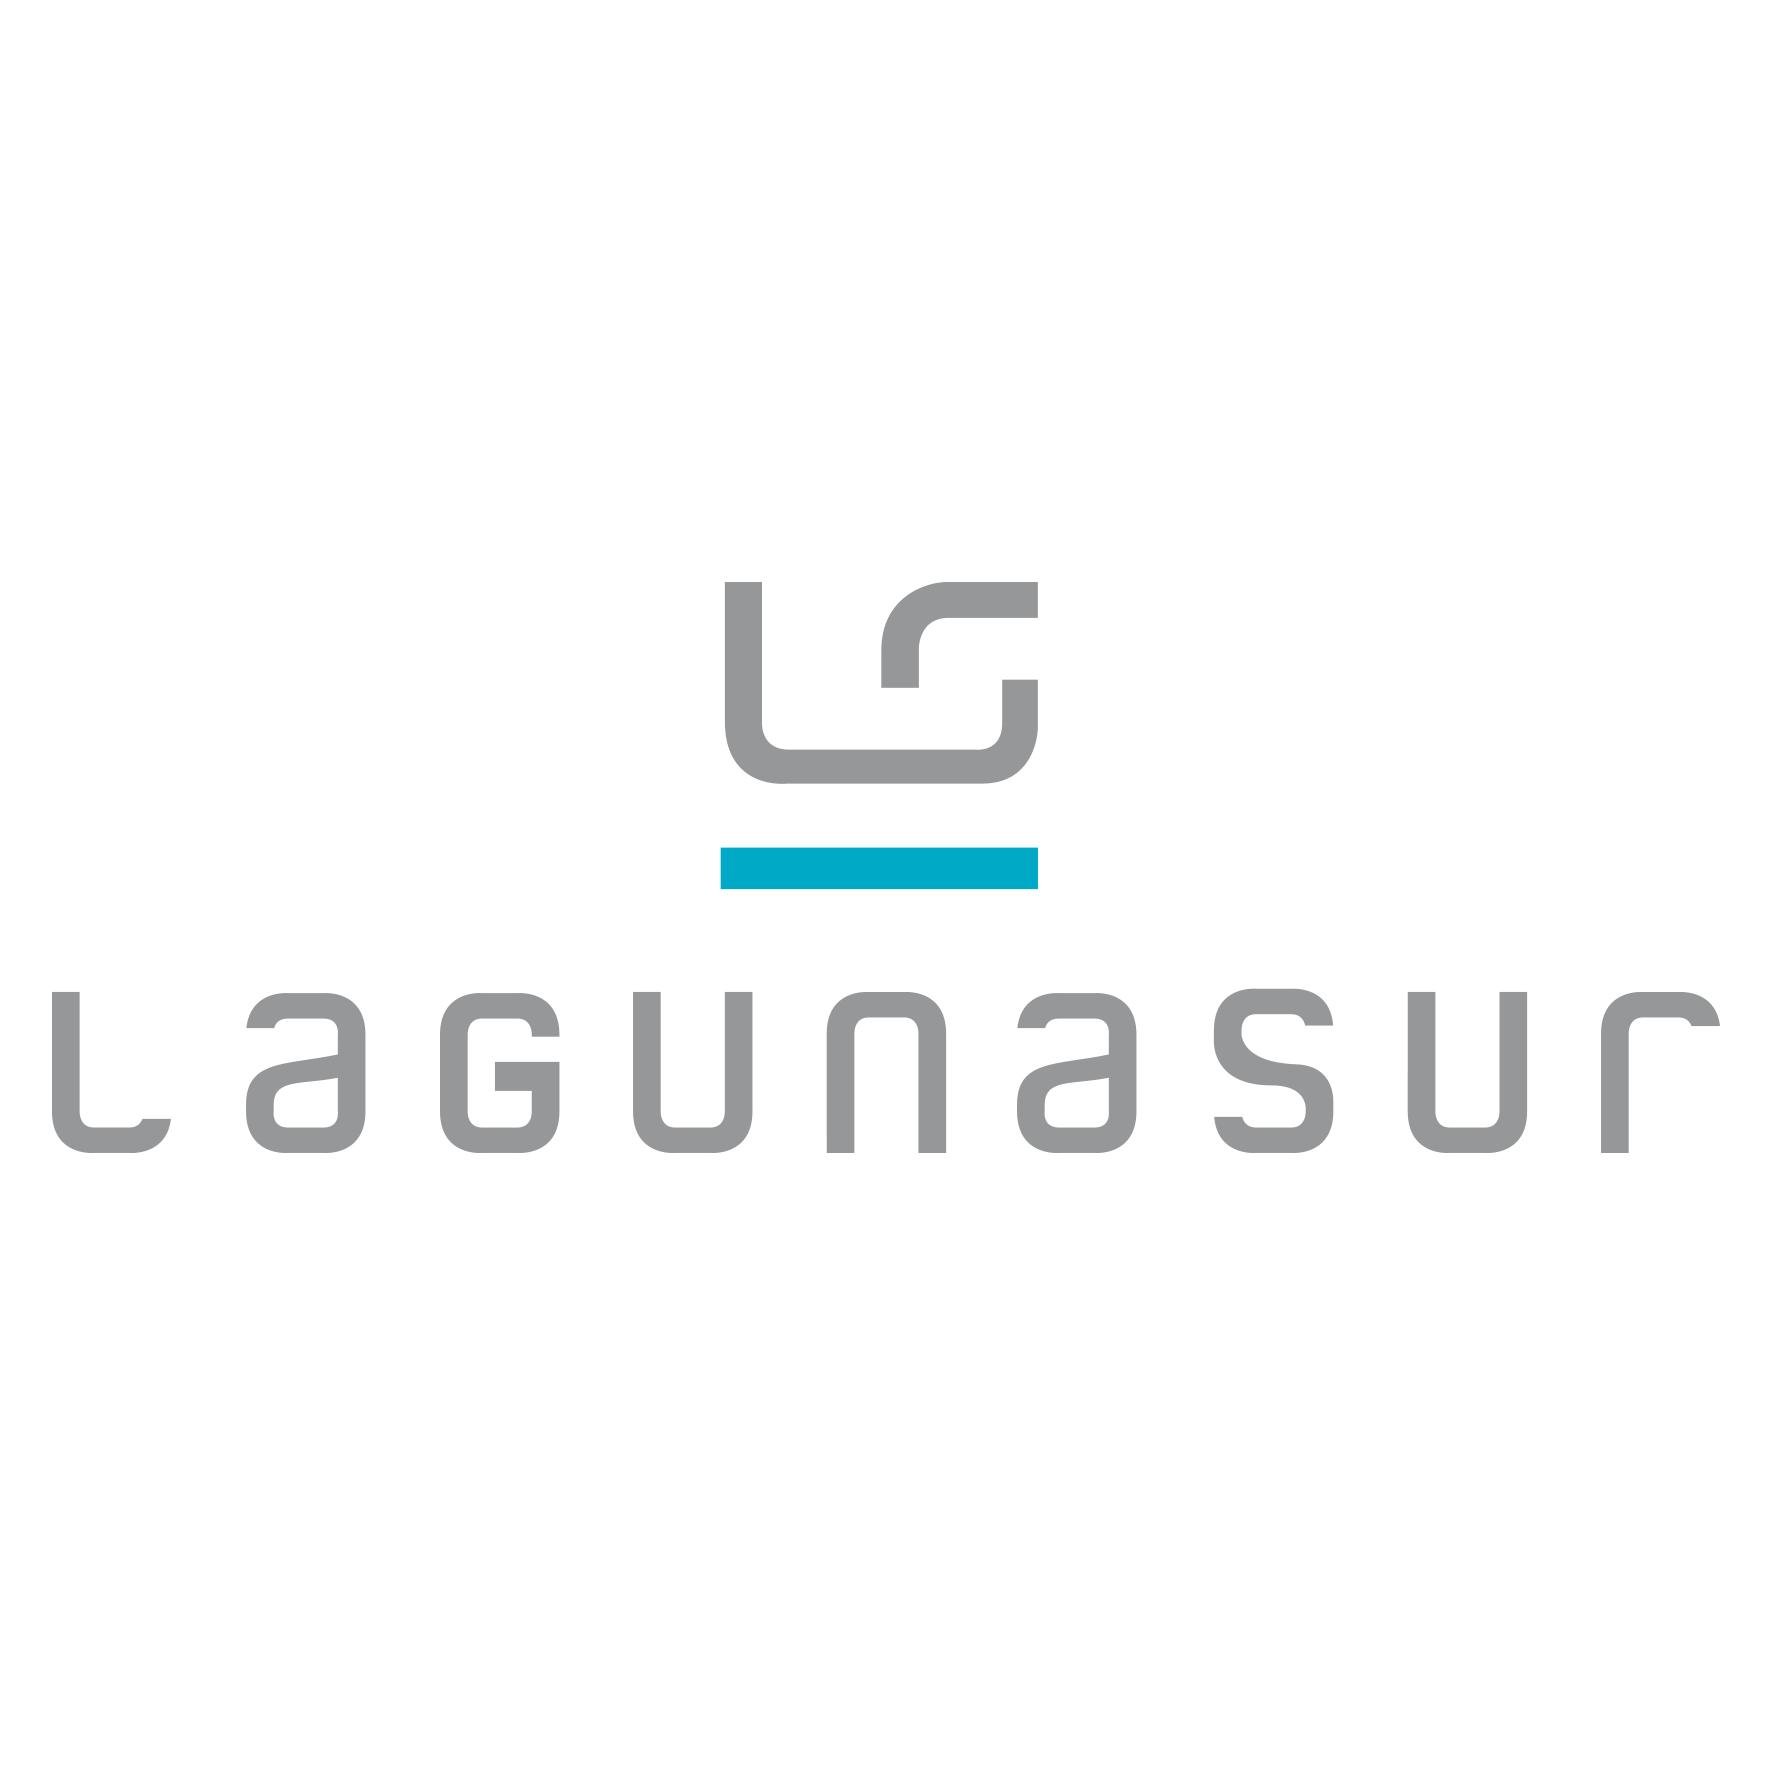 Laguna Sur